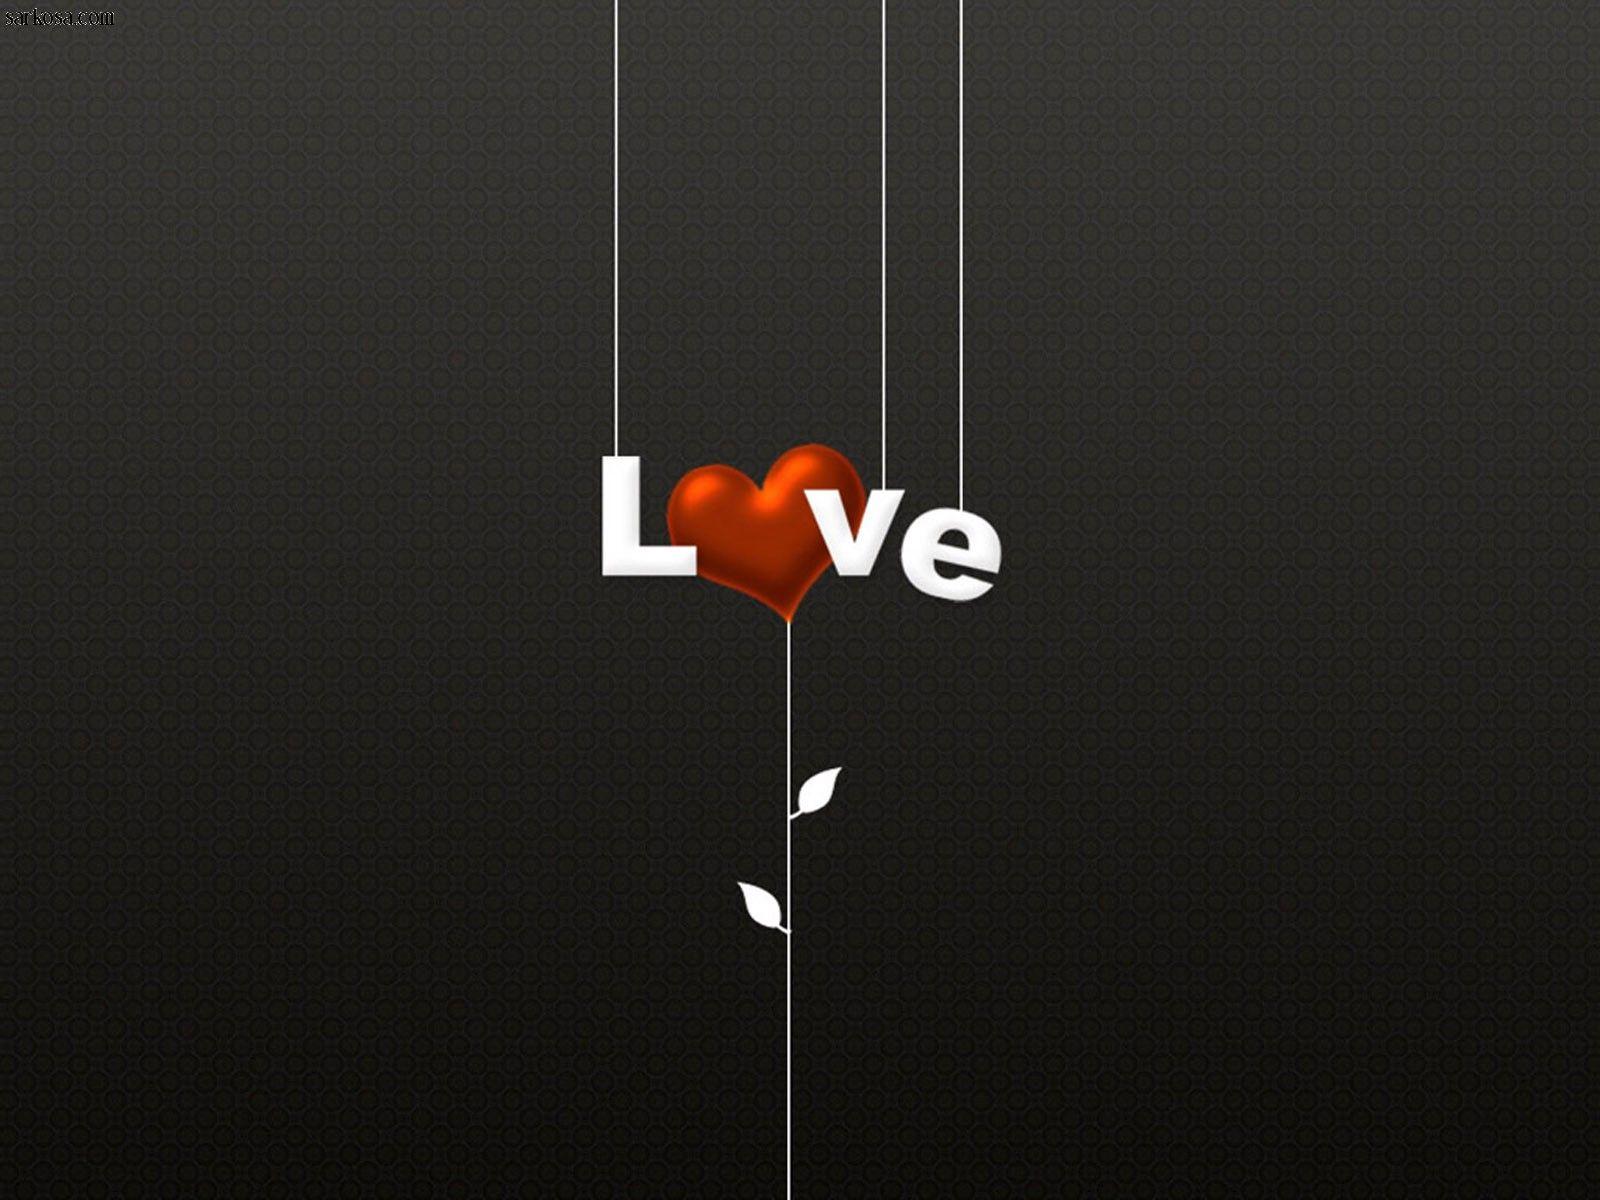 Fantastic Wallpaper Love Zedge - 6d81f172a67cf89856df9f7ff0701c97  Photograph_65117.jpg